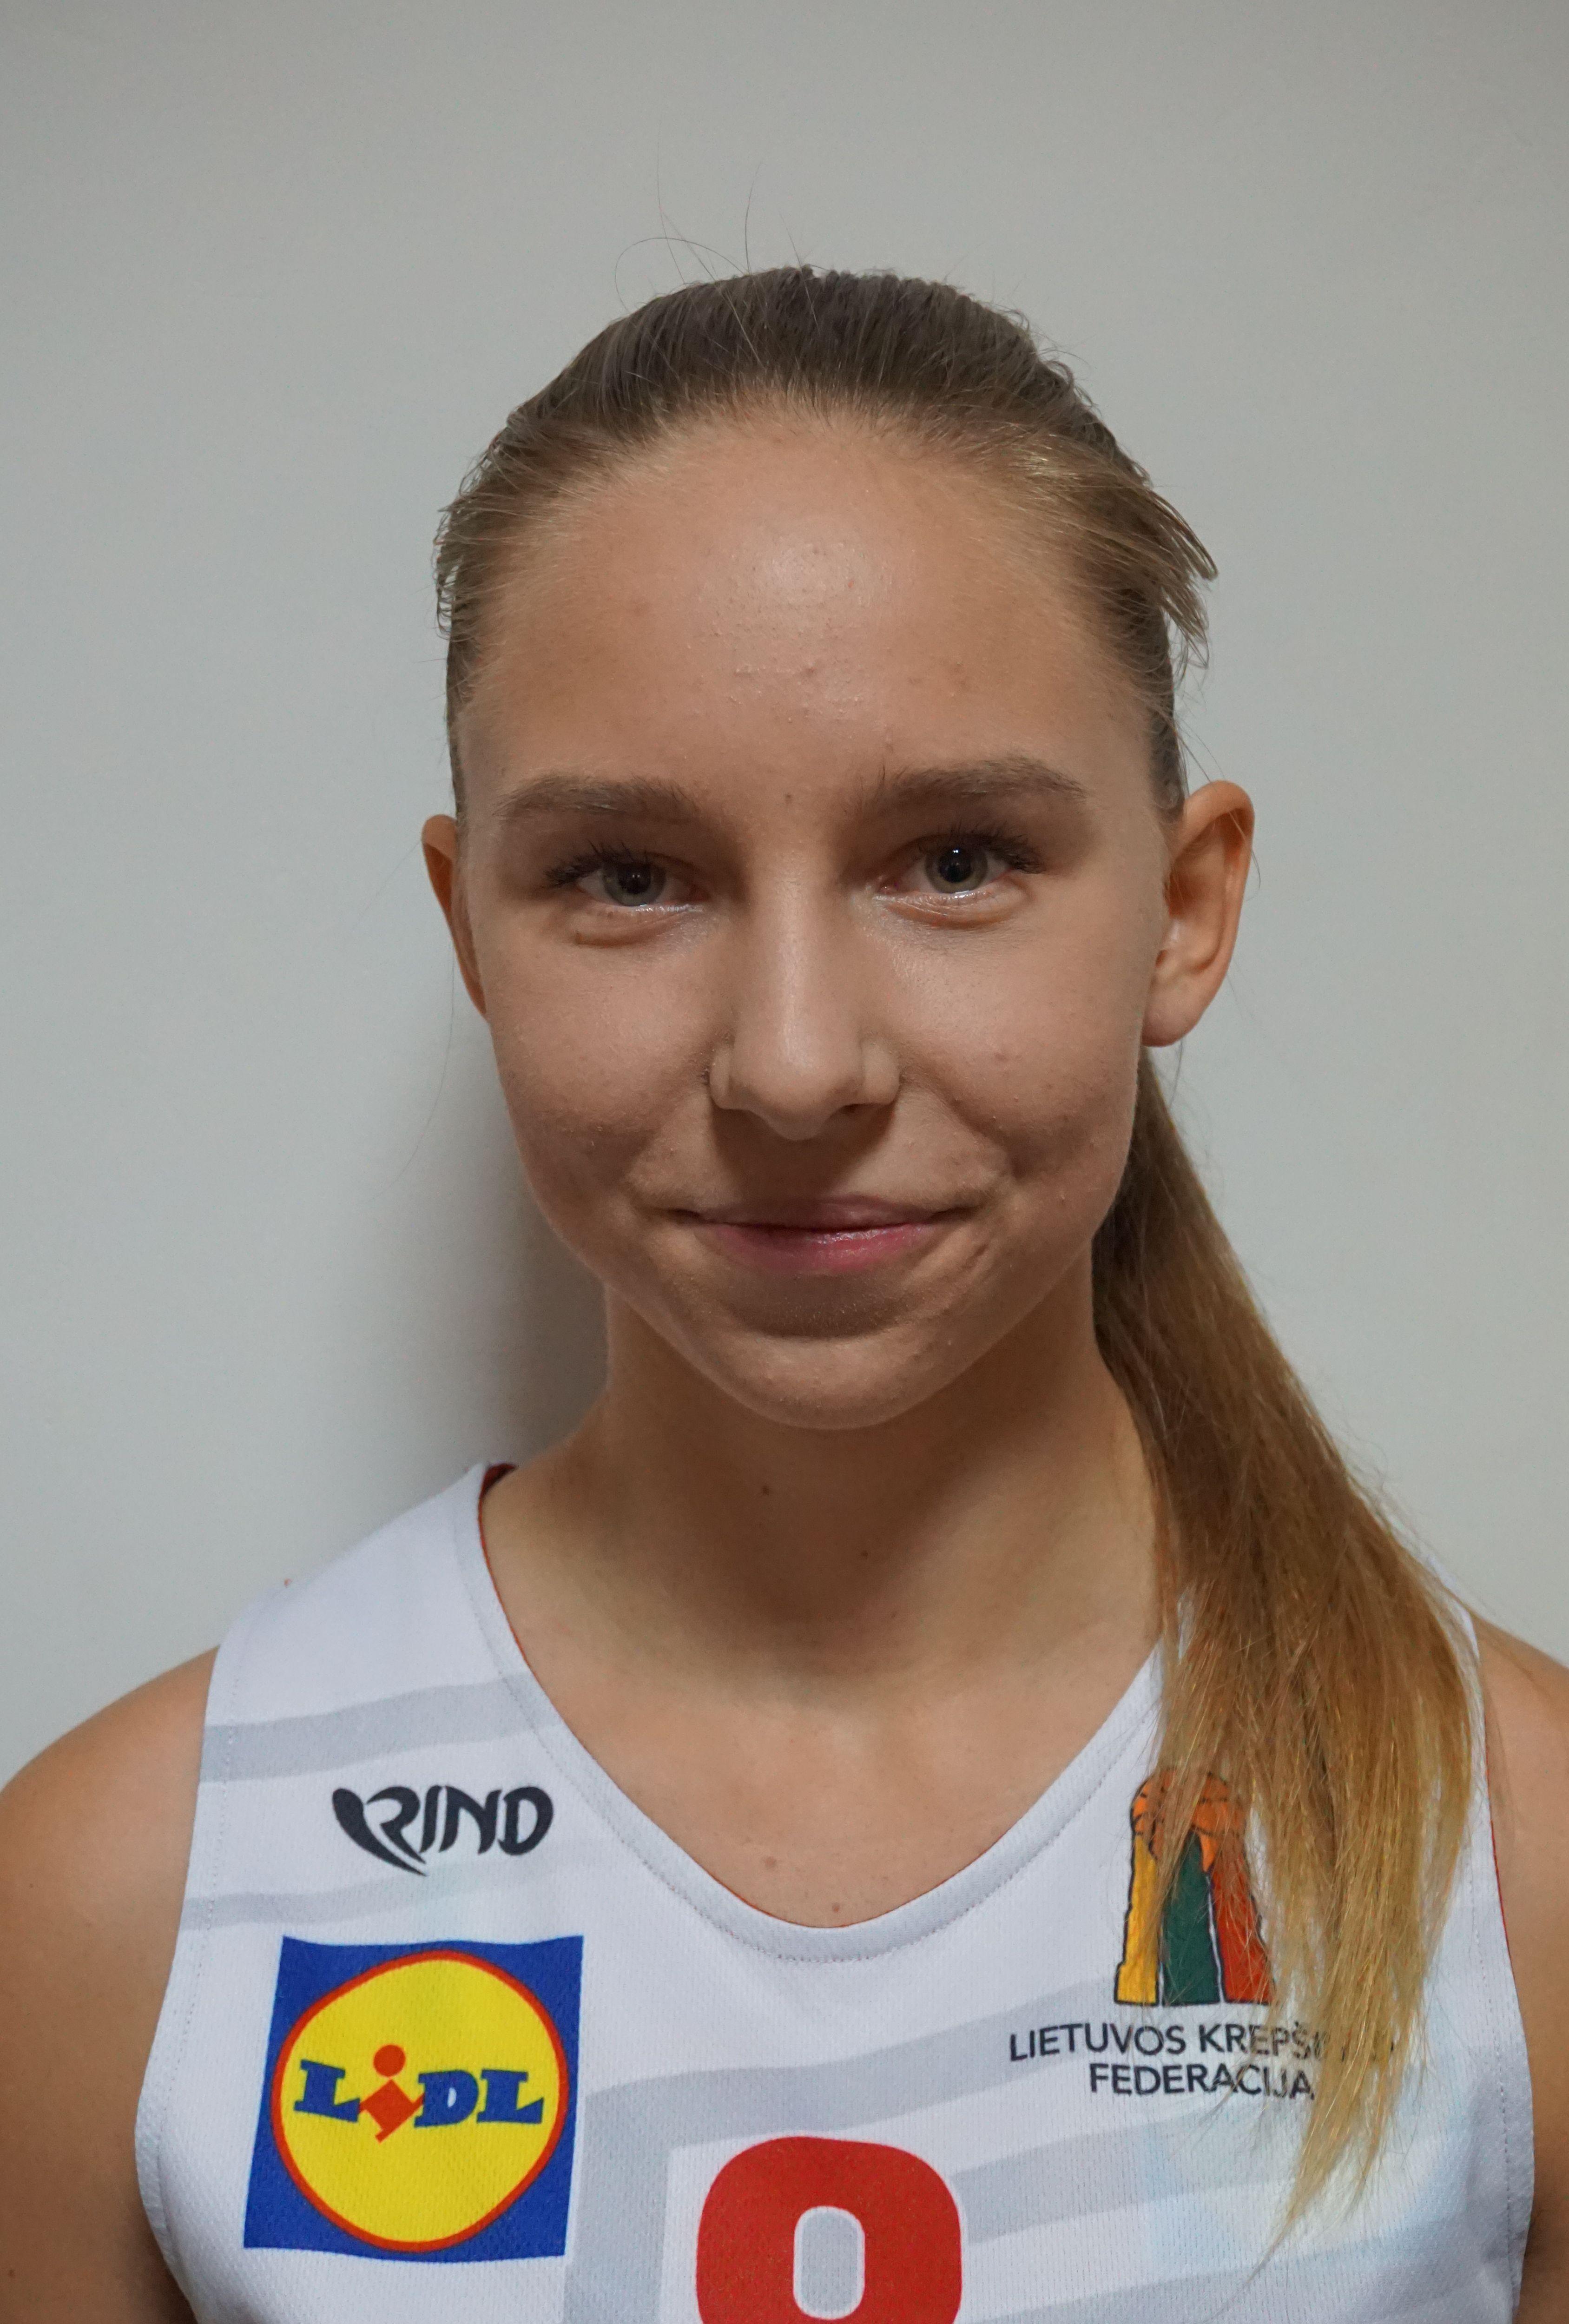 Evelina Eidukaitytė